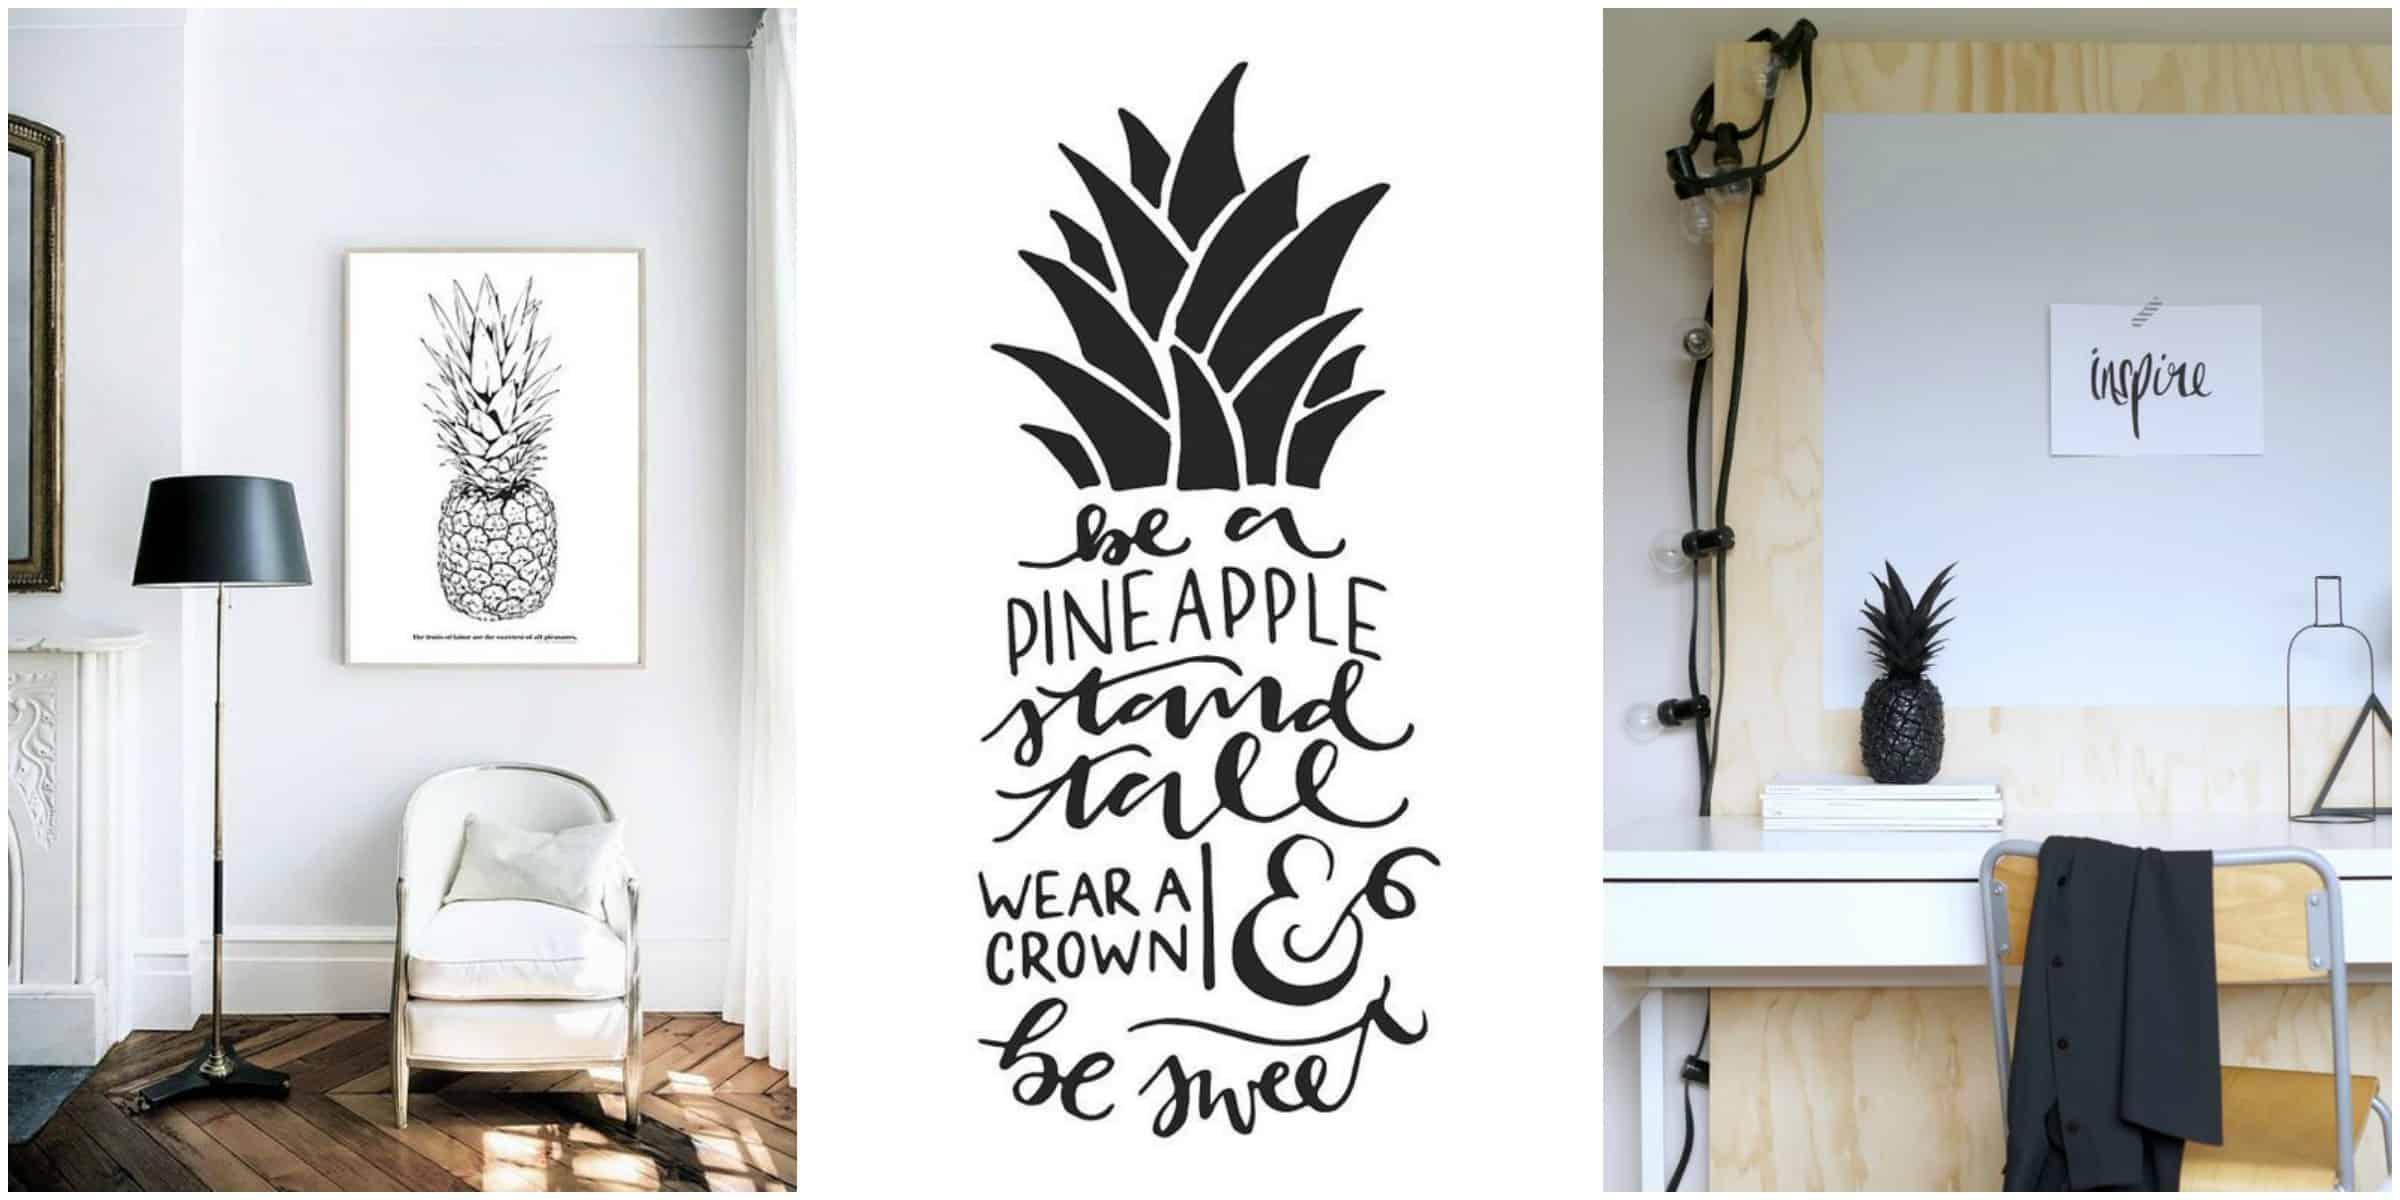 Summer mood: Pineapple